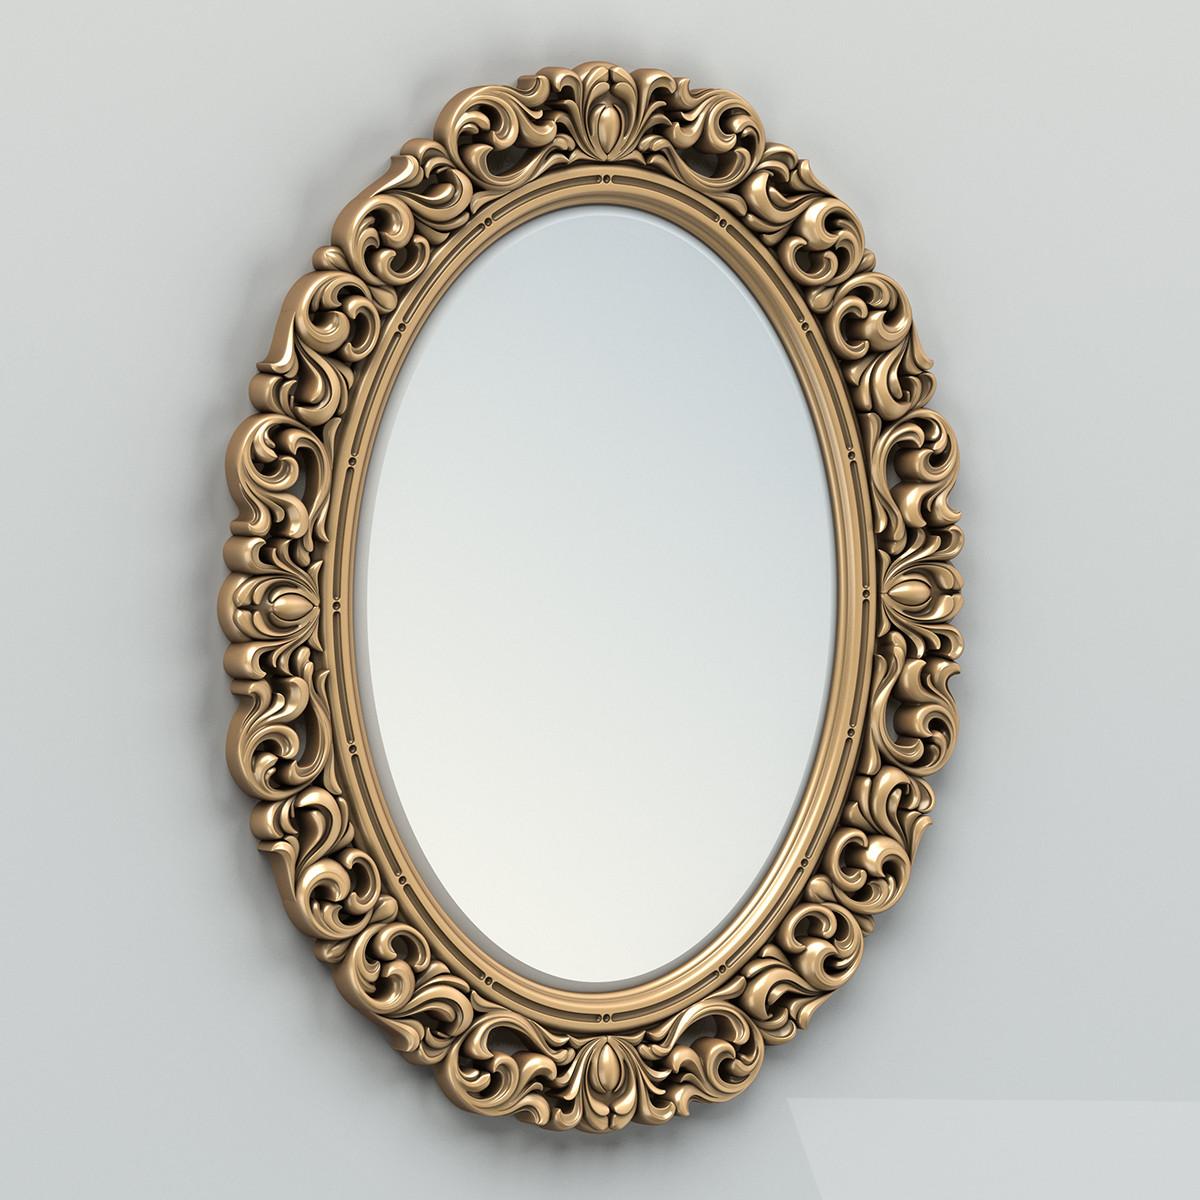 carved oval mirror frame 3d model